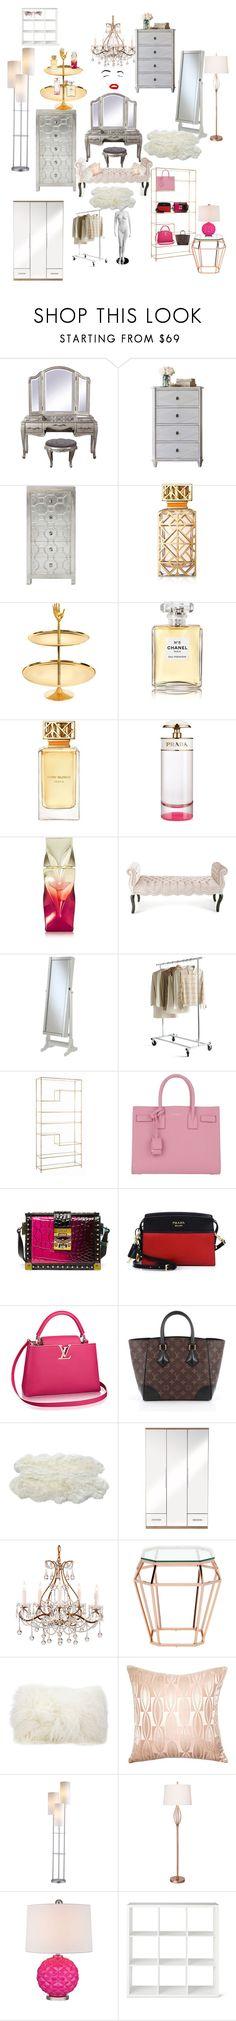 36 besten ConceitedPrincess Bilder auf Pinterest Ankleidezimmer - schlafzimmer einrichtung nachttischlampe